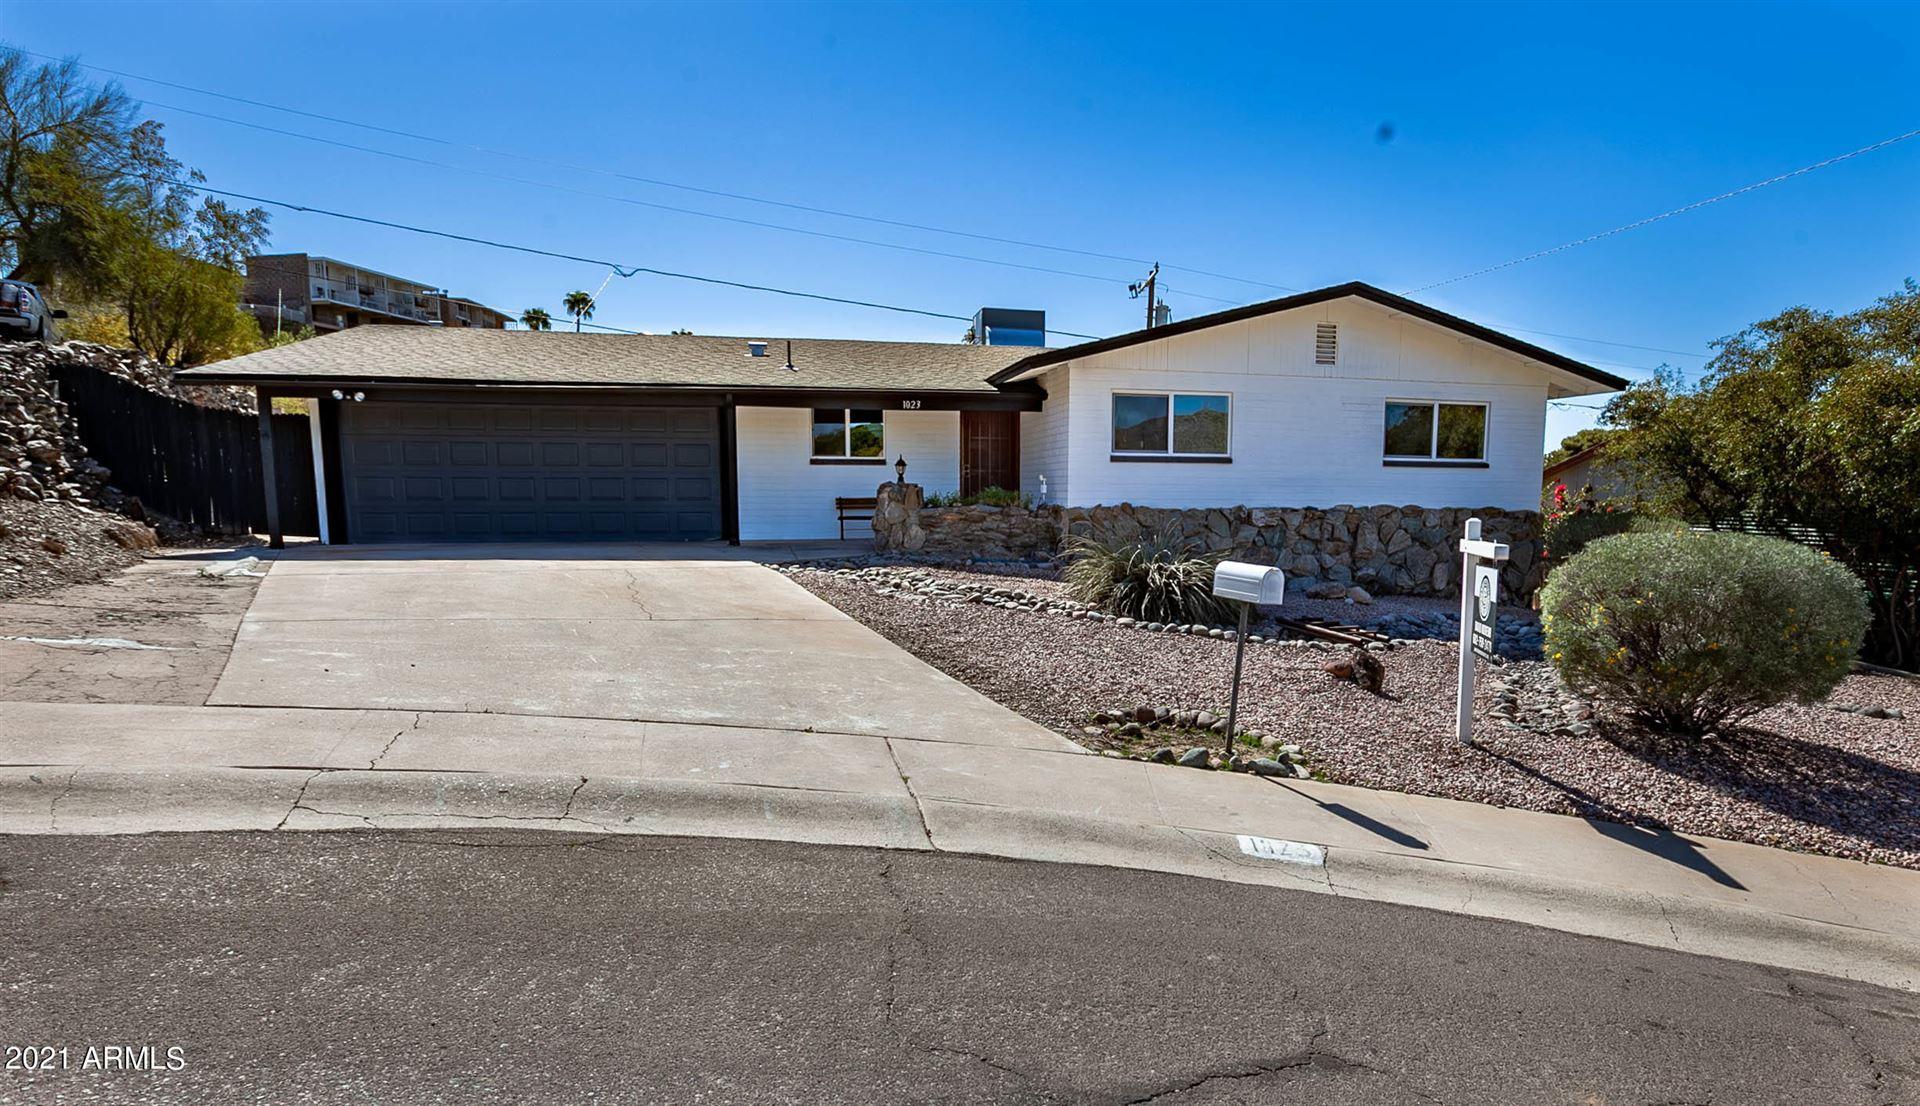 1023 E SELDON Lane, Phoenix, AZ 85020 - MLS#: 6199144